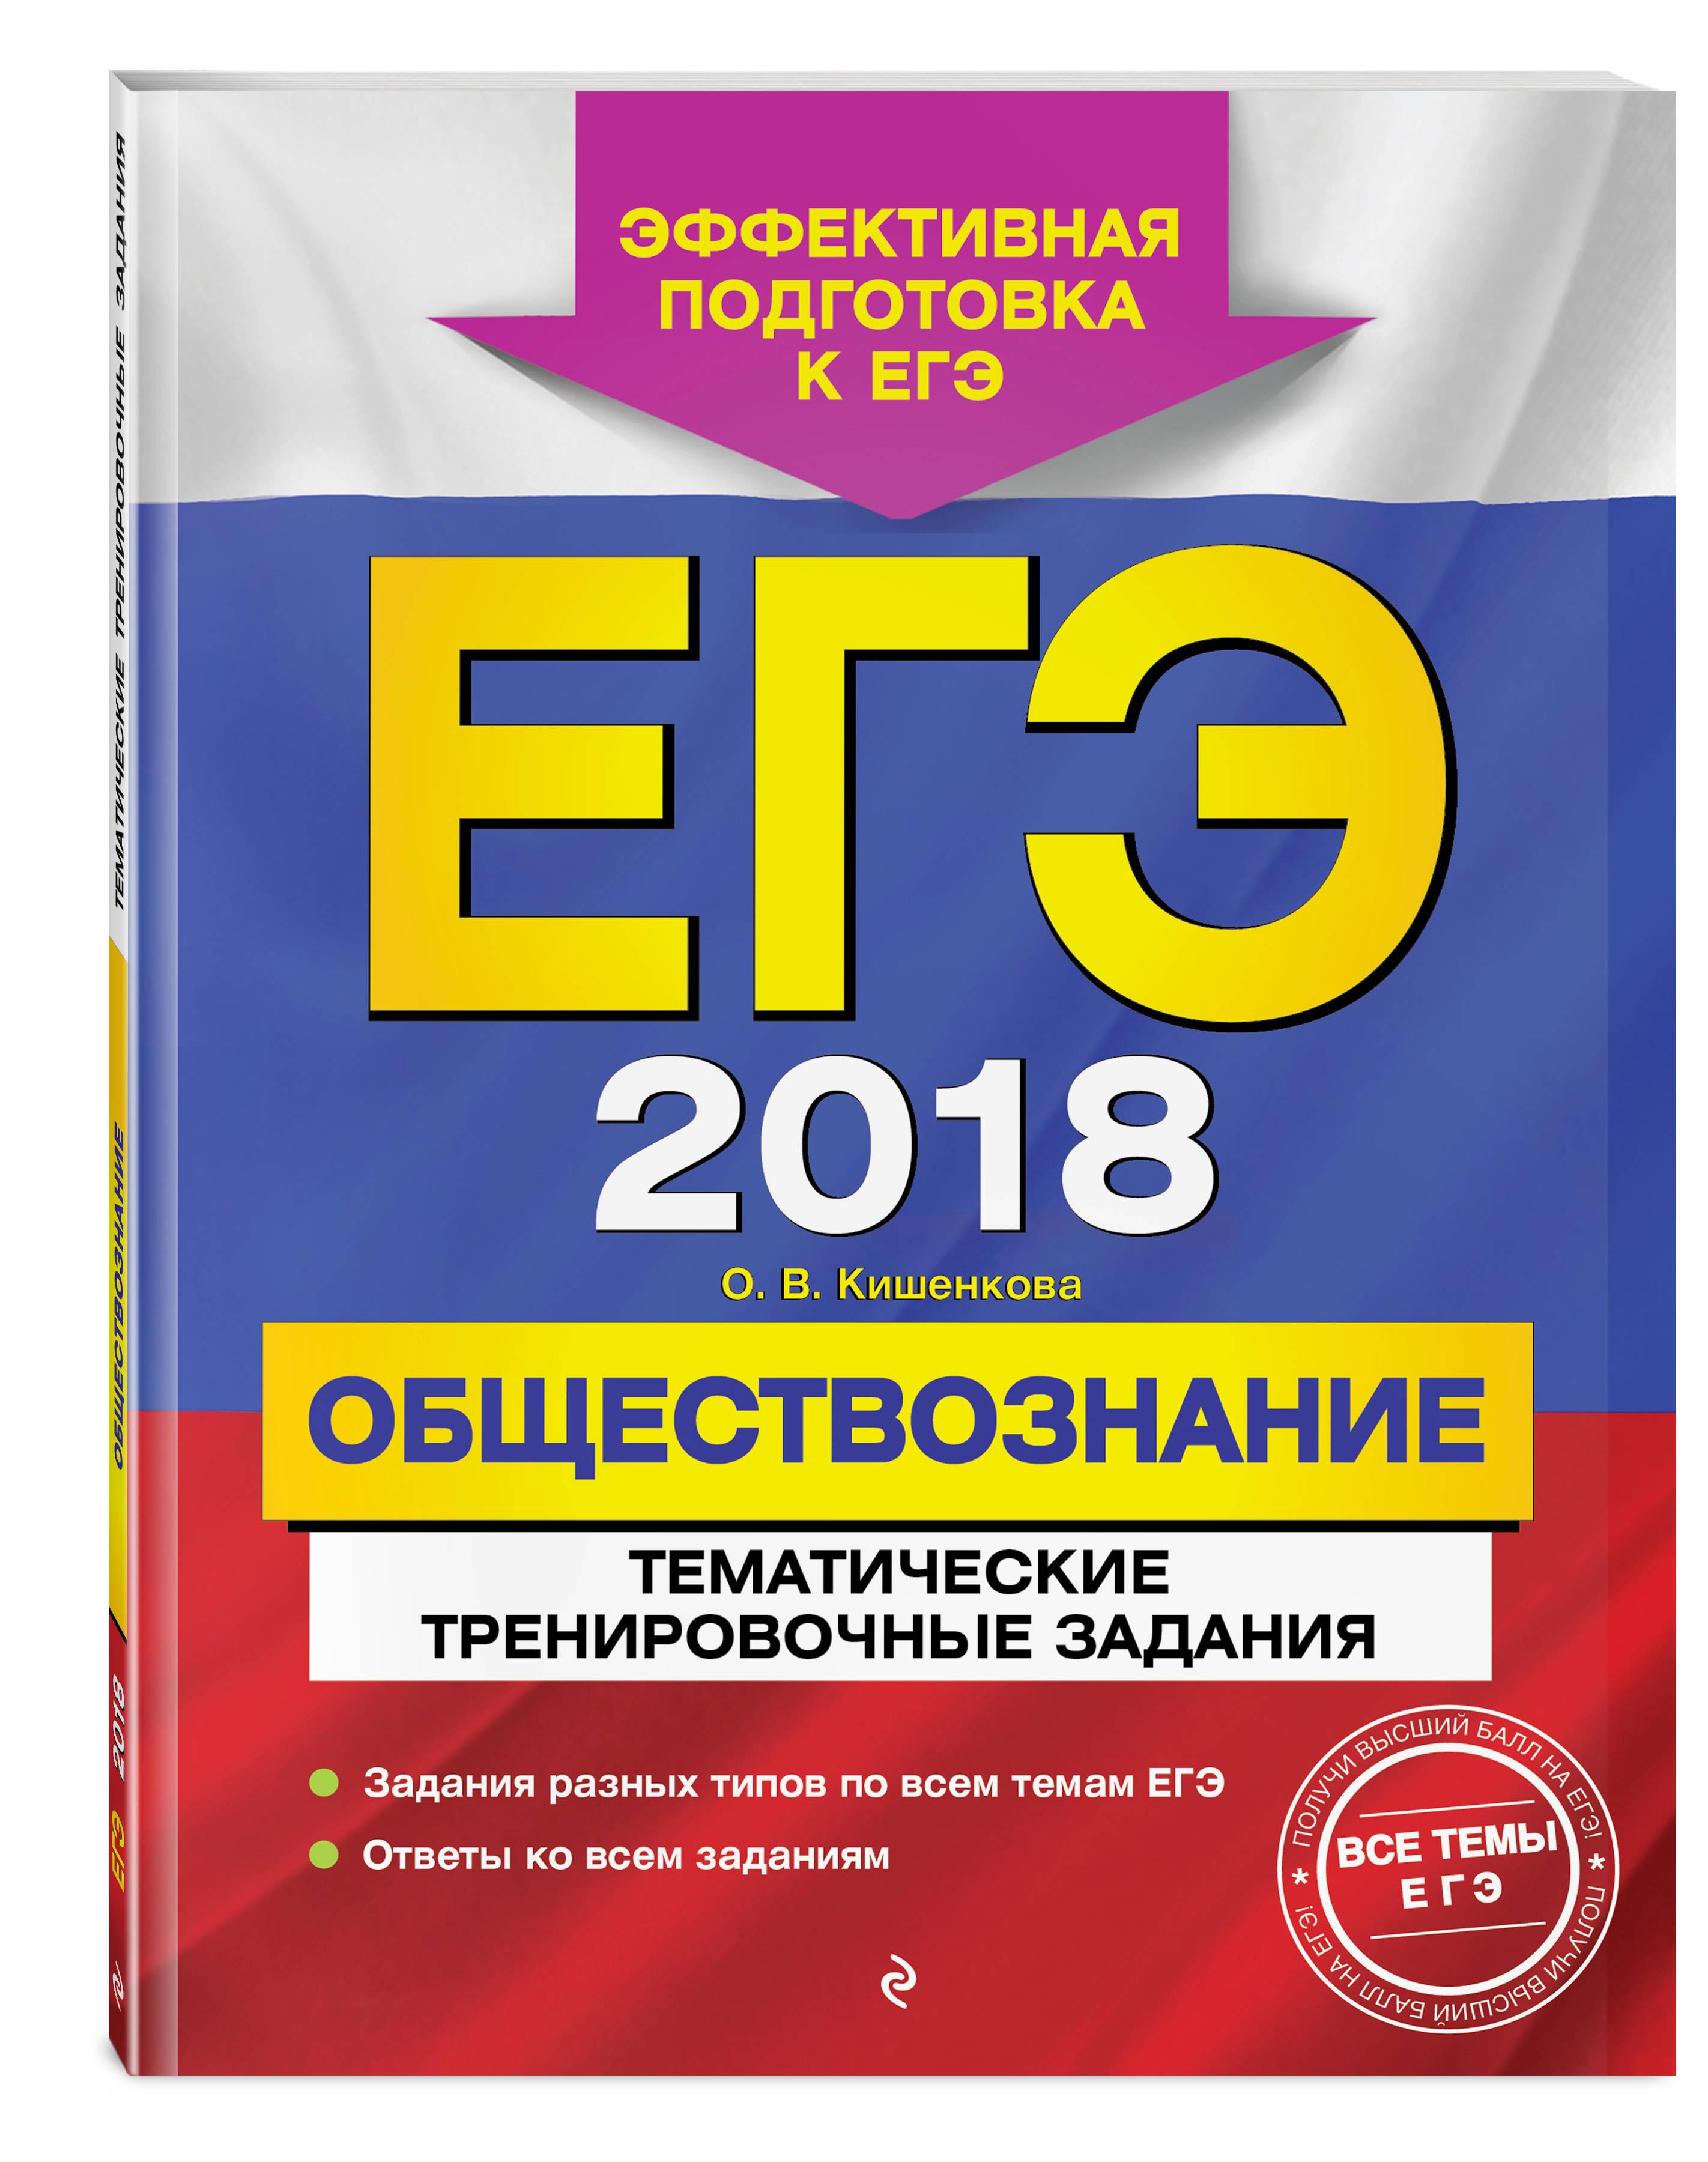 ЕГЭ-2018. Обществознание. Тематические тренировочные задания ( Кишенкова О.В.  )